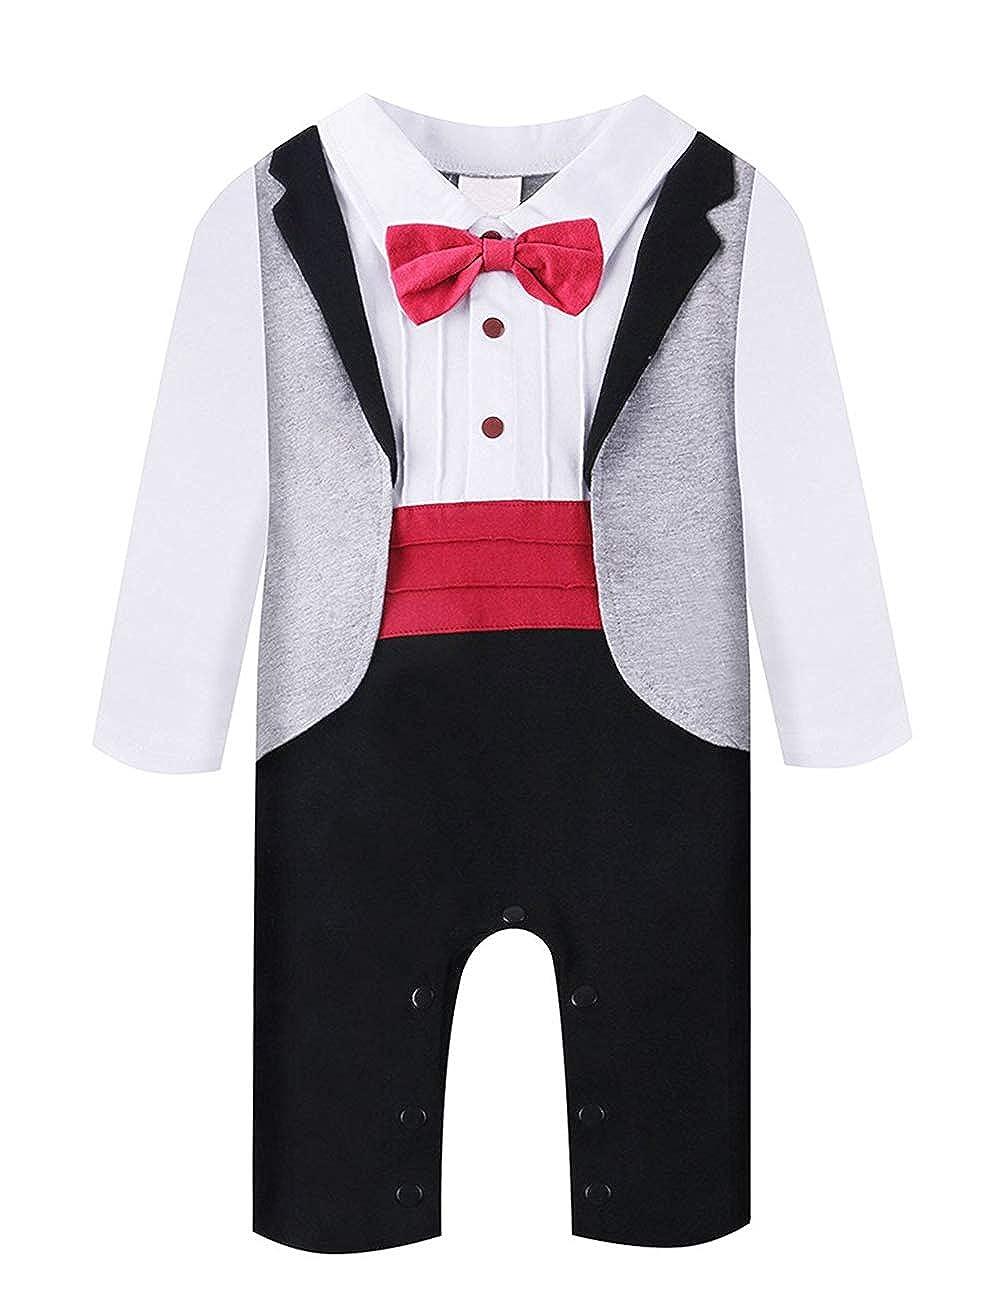 A&J Design Bébé Boys Romper Manches Longues Chemise Blanche Combinaison Gris Smoking avec Red Bowknot Cravate